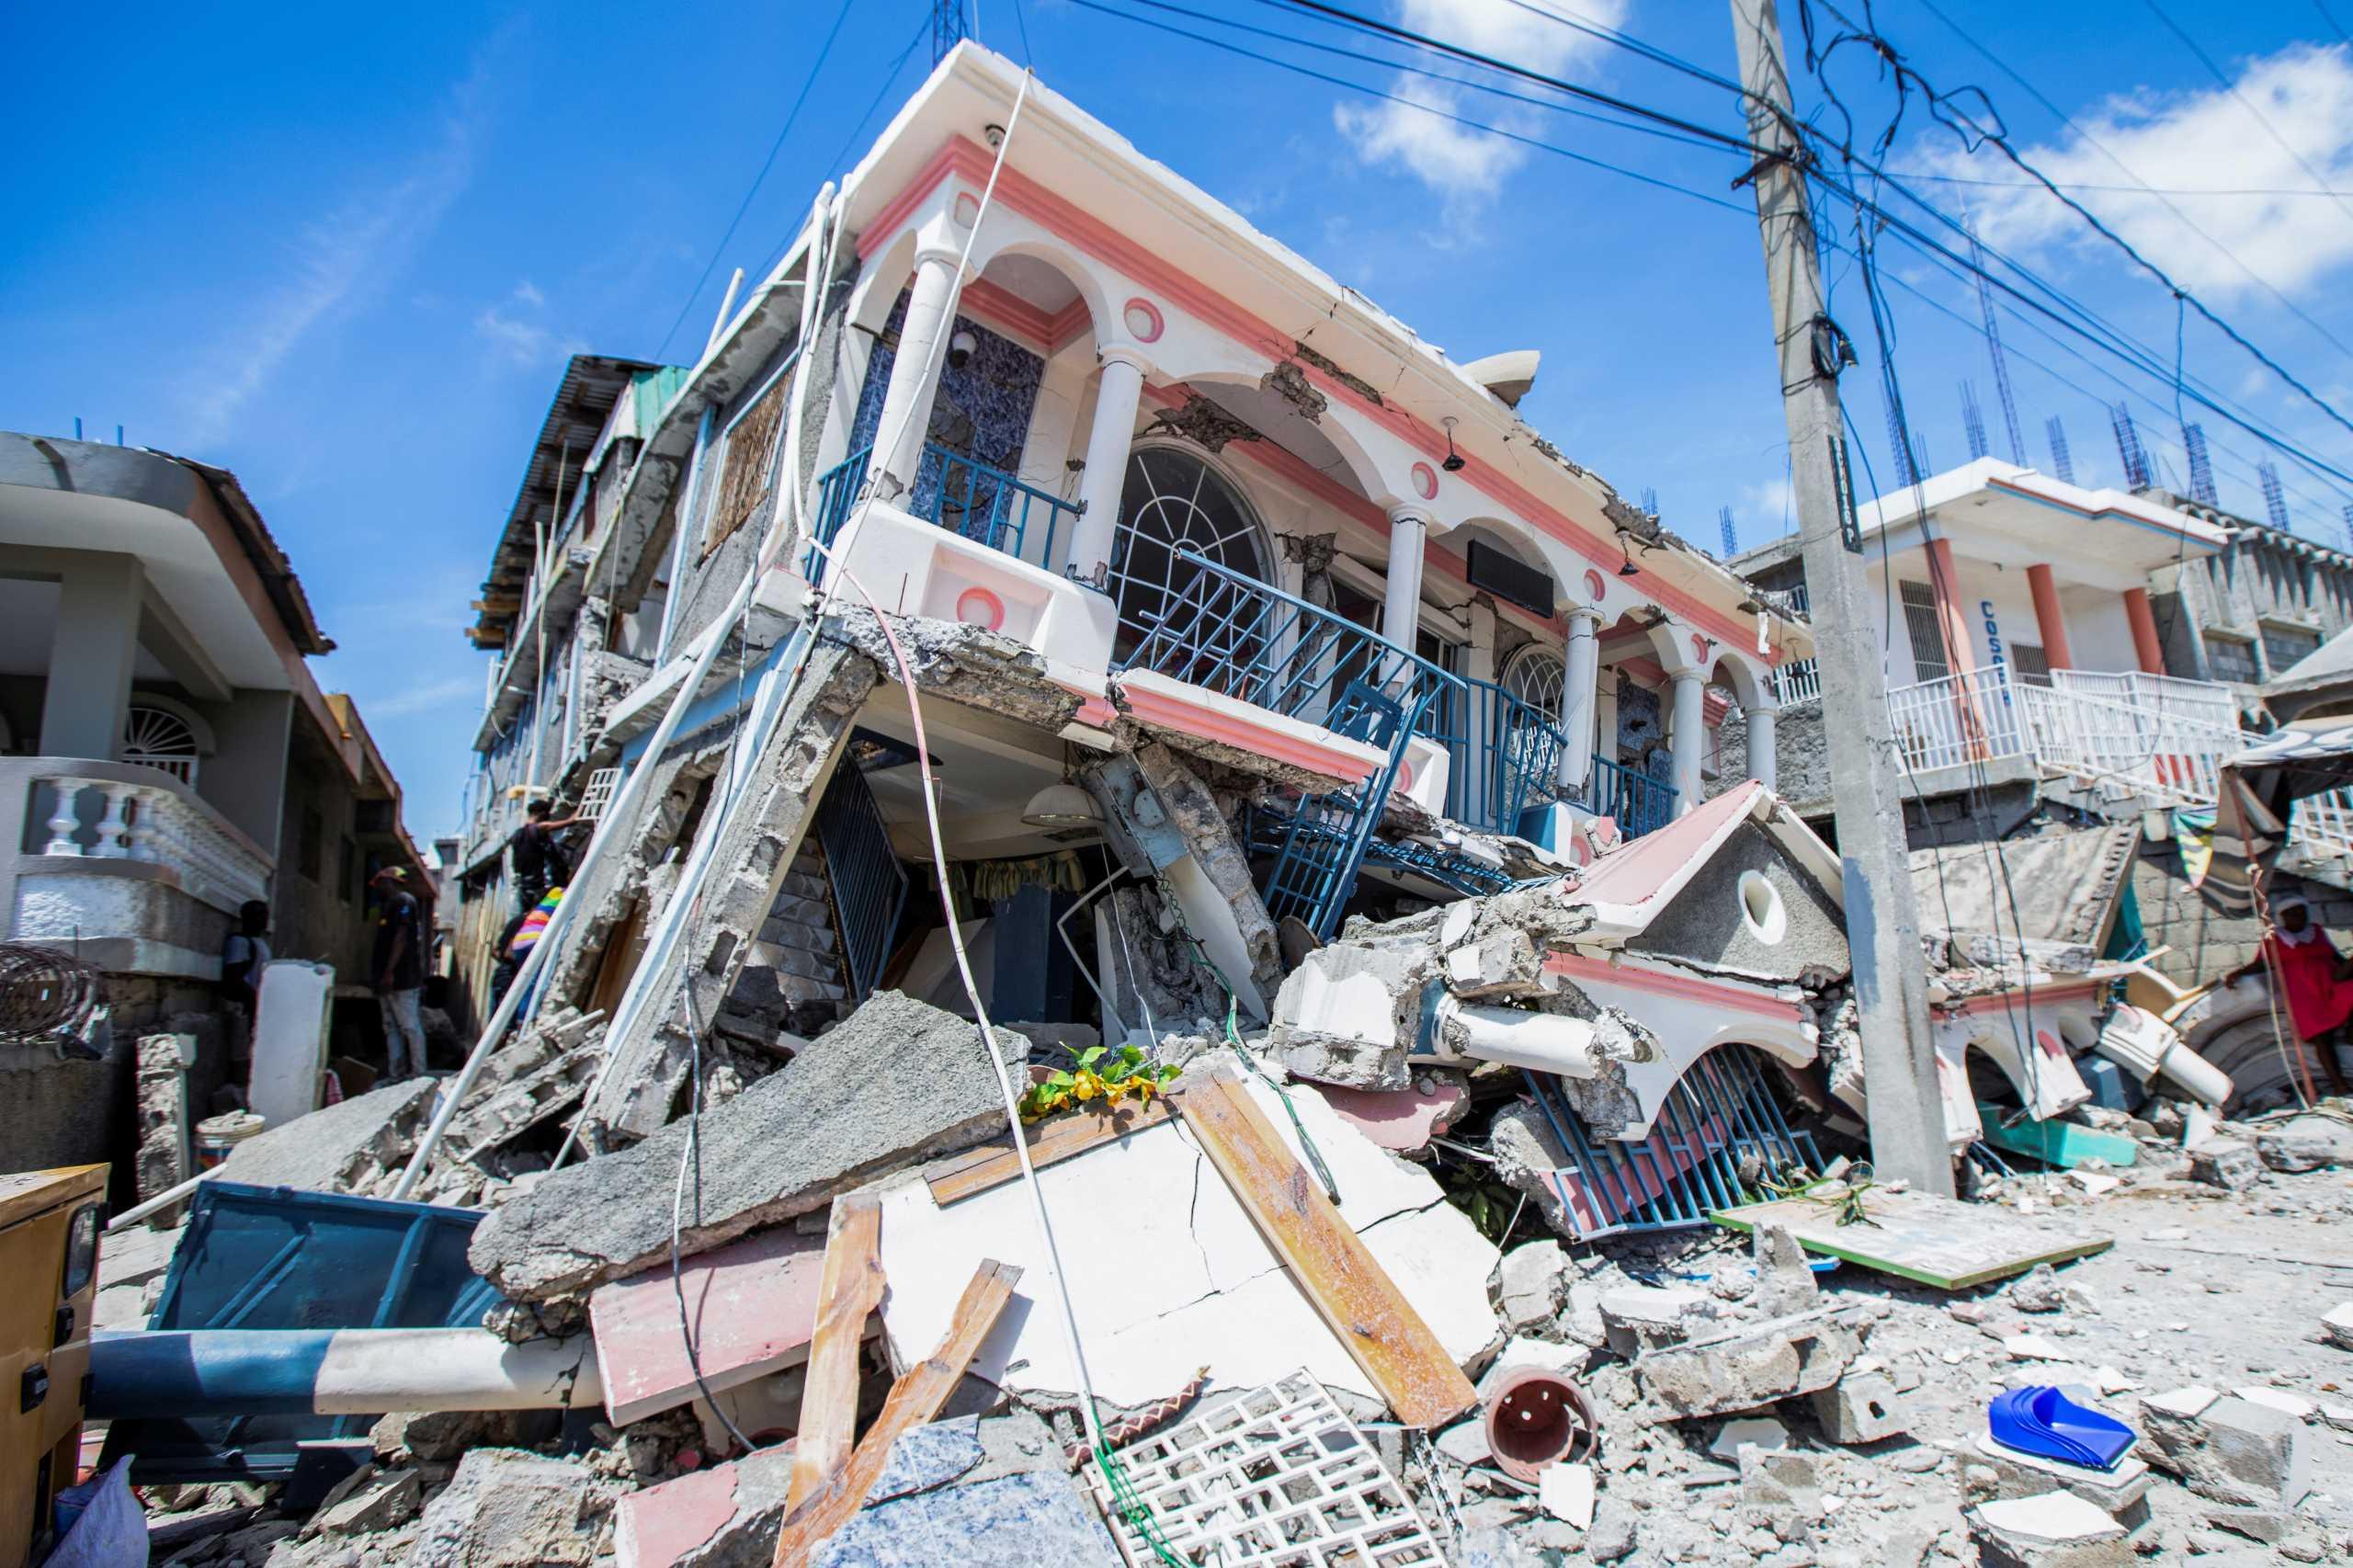 Σεισμός στην Αϊτή: Πάνω από 300 οι νεκροί – Και νέος σεισμός 5,9 Ρίχτερ – Συγκλονιστικές εικόνες